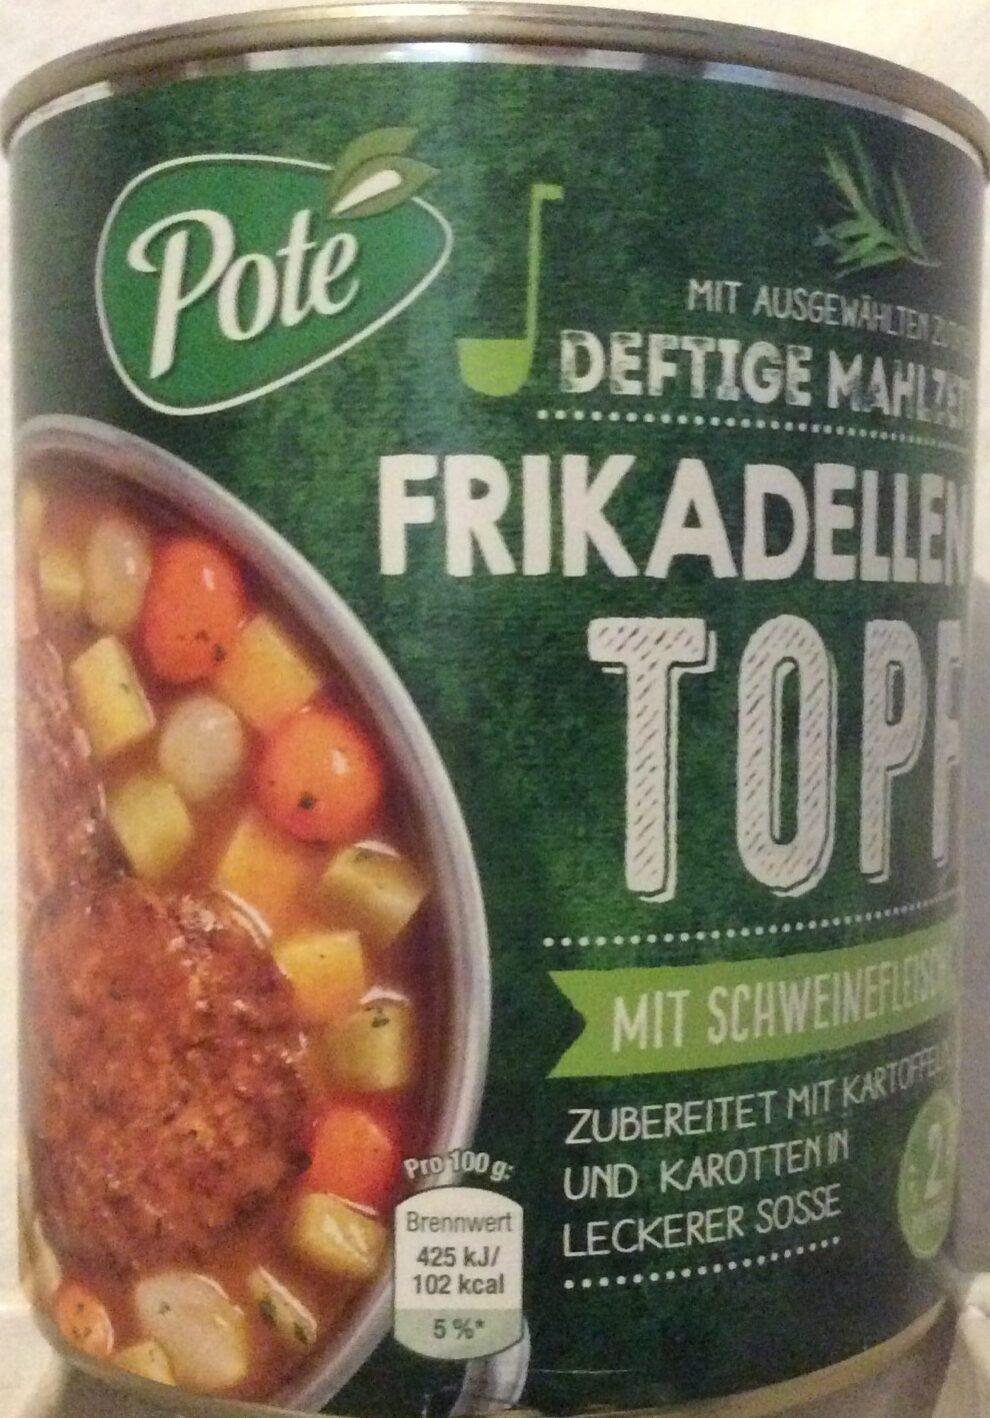 Deftige Mahlzeit Frikadellen Topf - Produkt - de